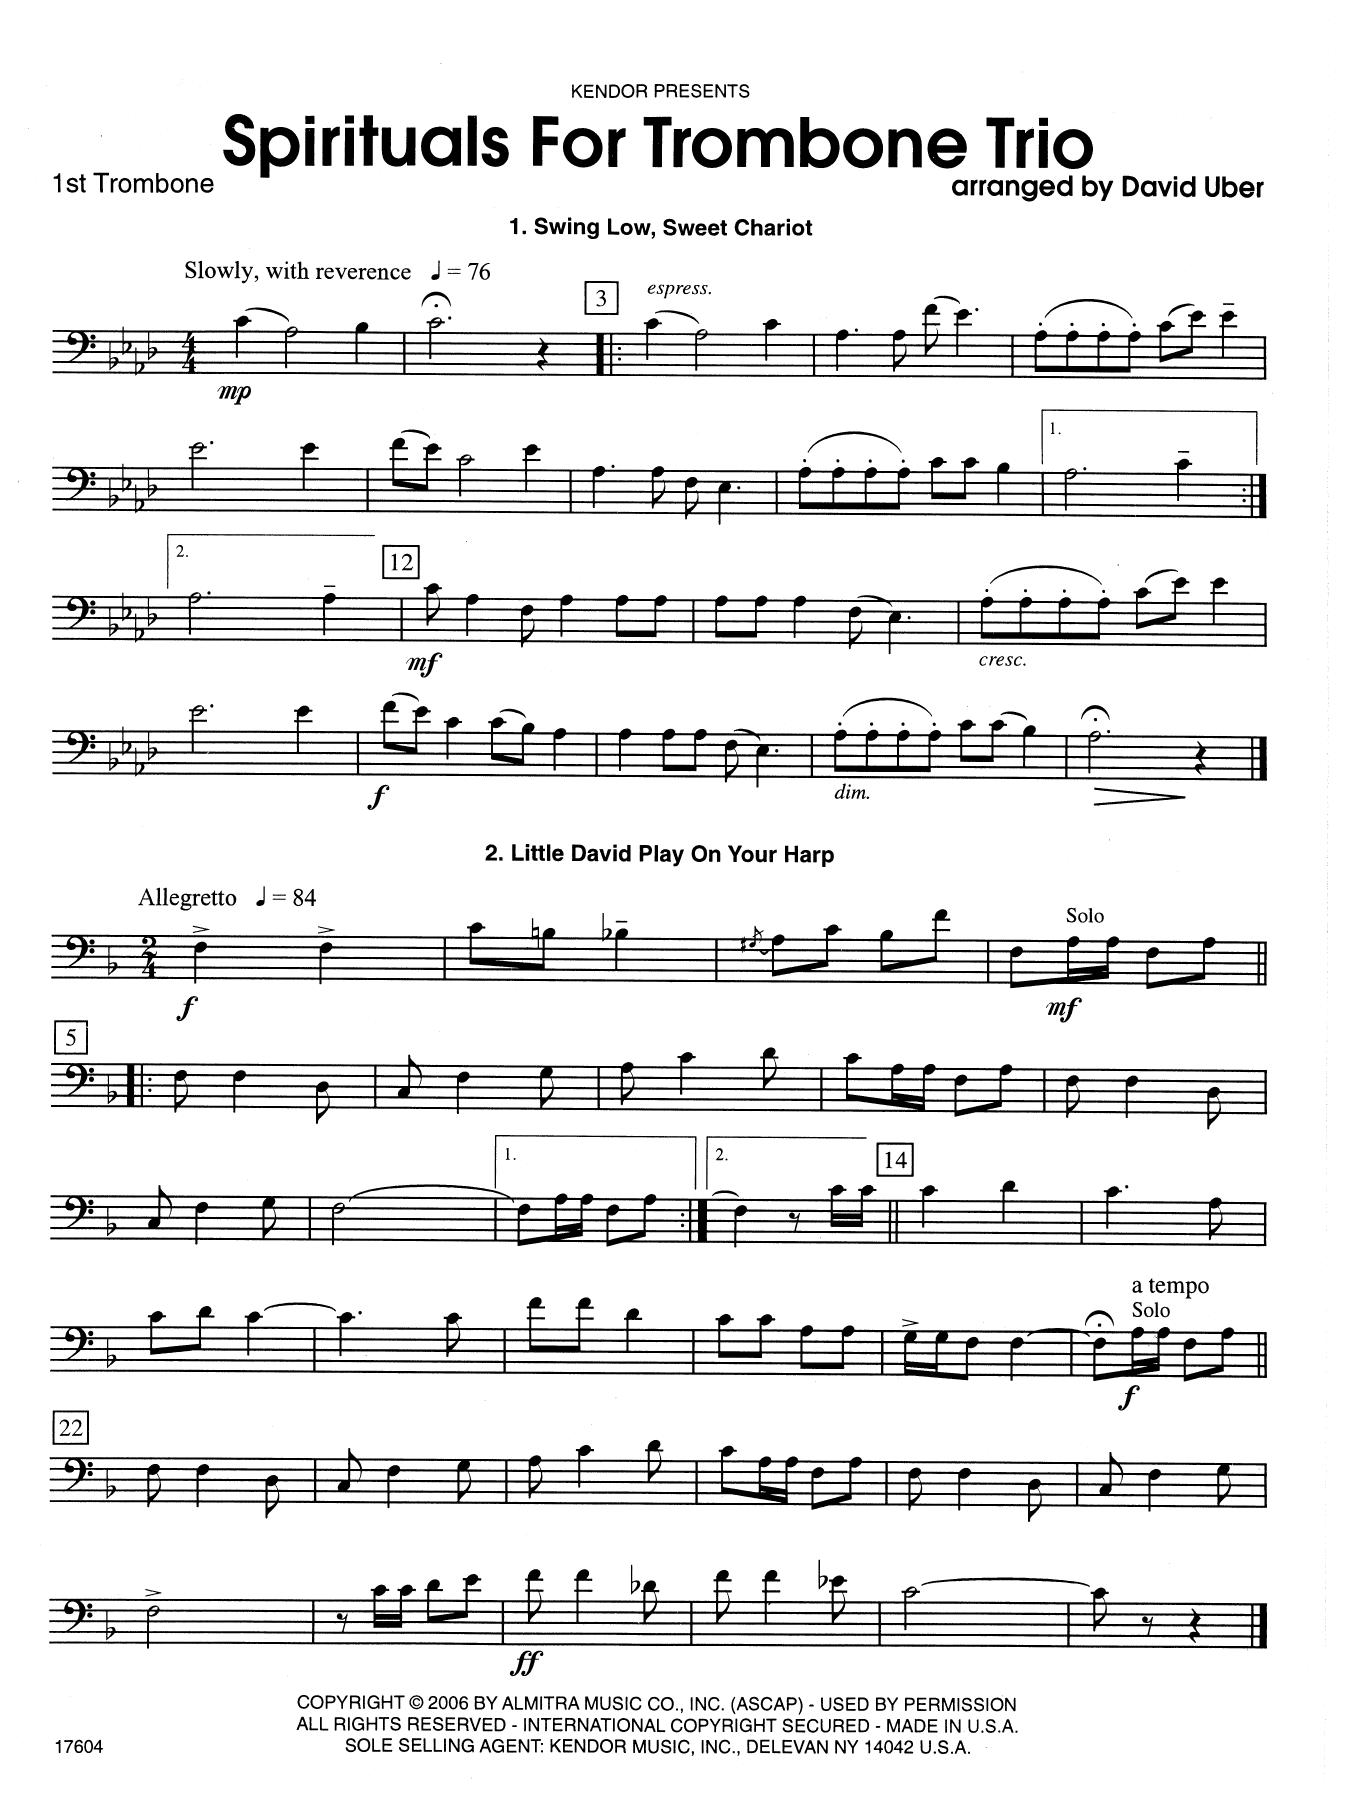 Spirituals For Trombone Trio - 1st Trombone Sheet Music